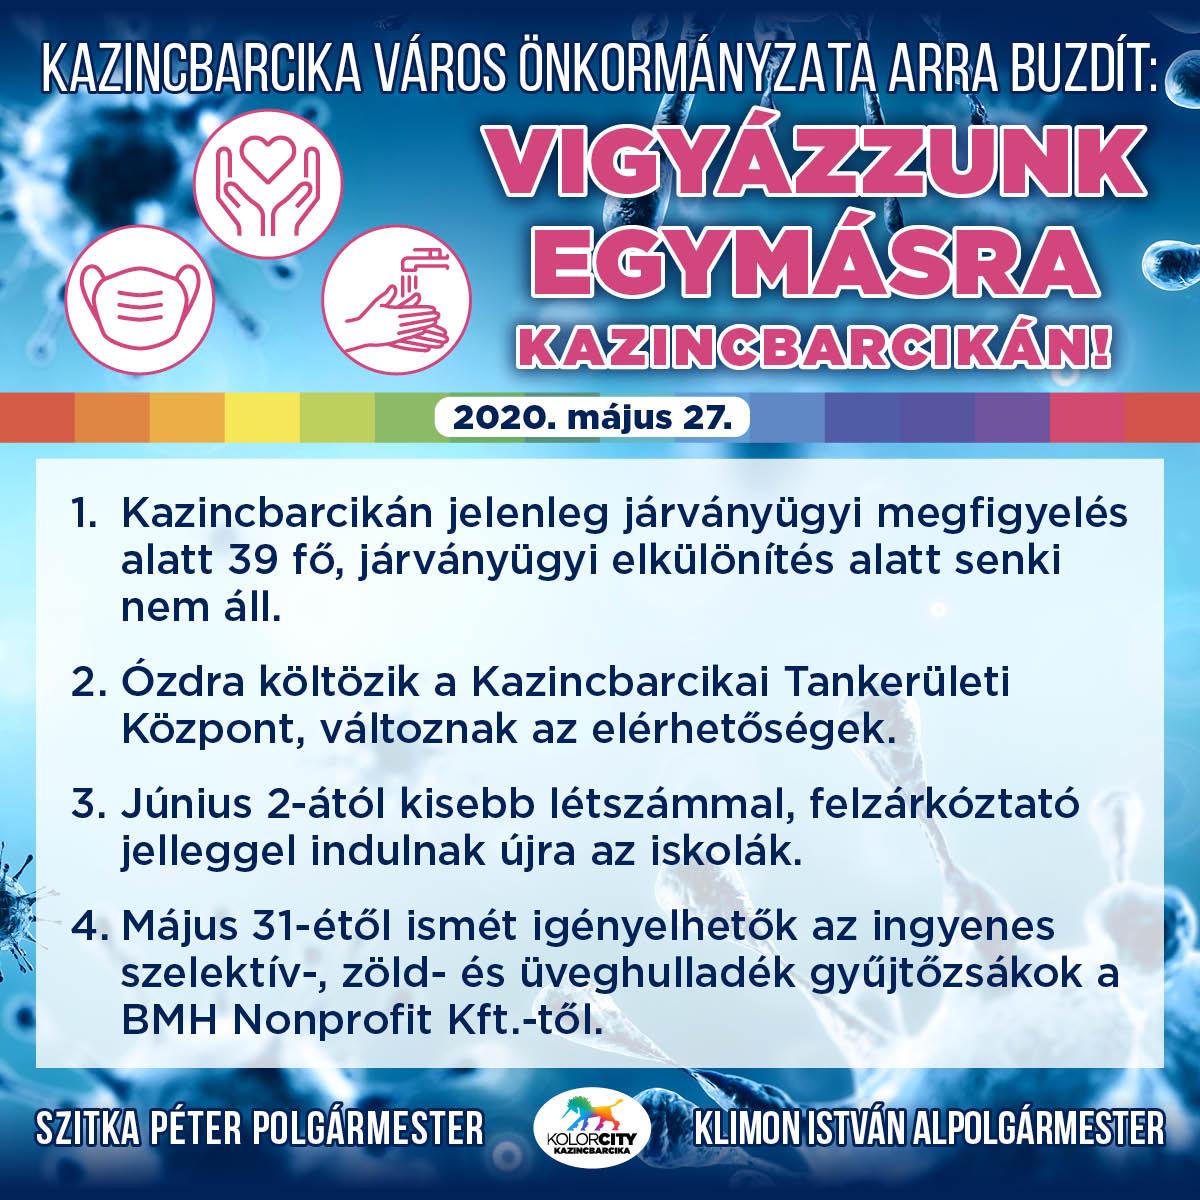 https://kolorline.hu/Vigyázzunk egymásra Kazincbarcikán! – 2020. május 27.